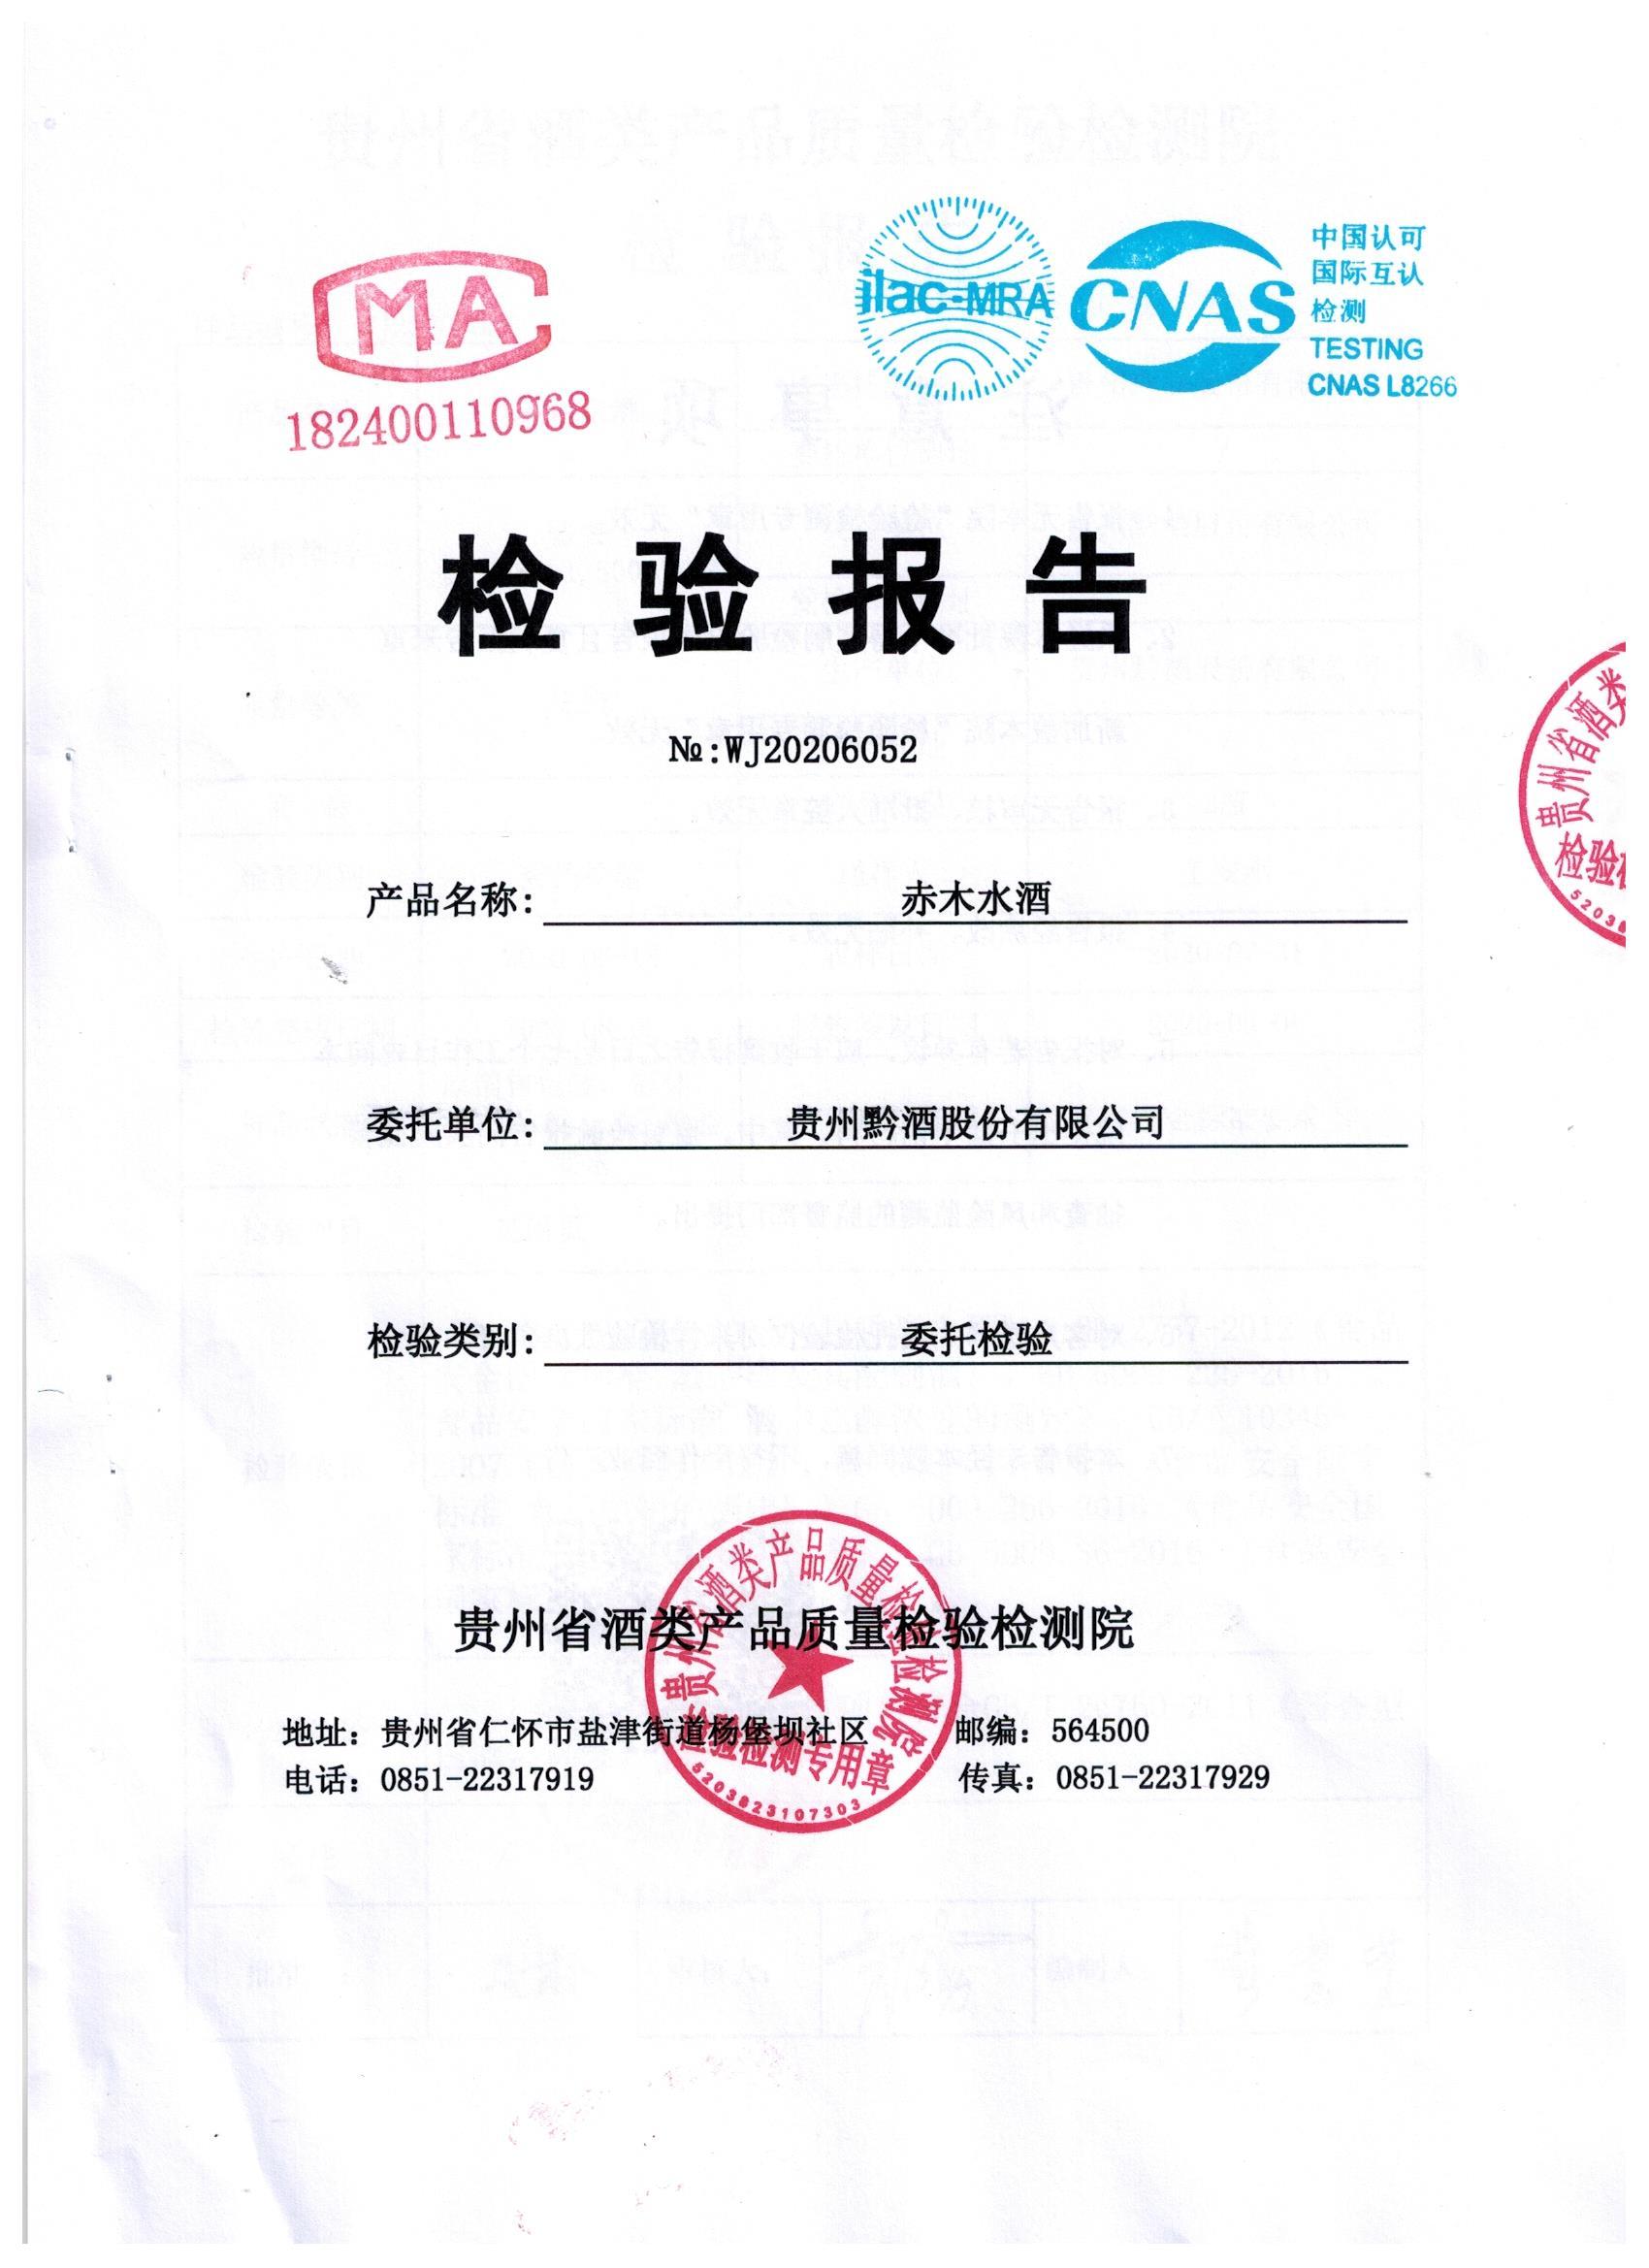 赤木水理化检验报告2020.06 .jpg